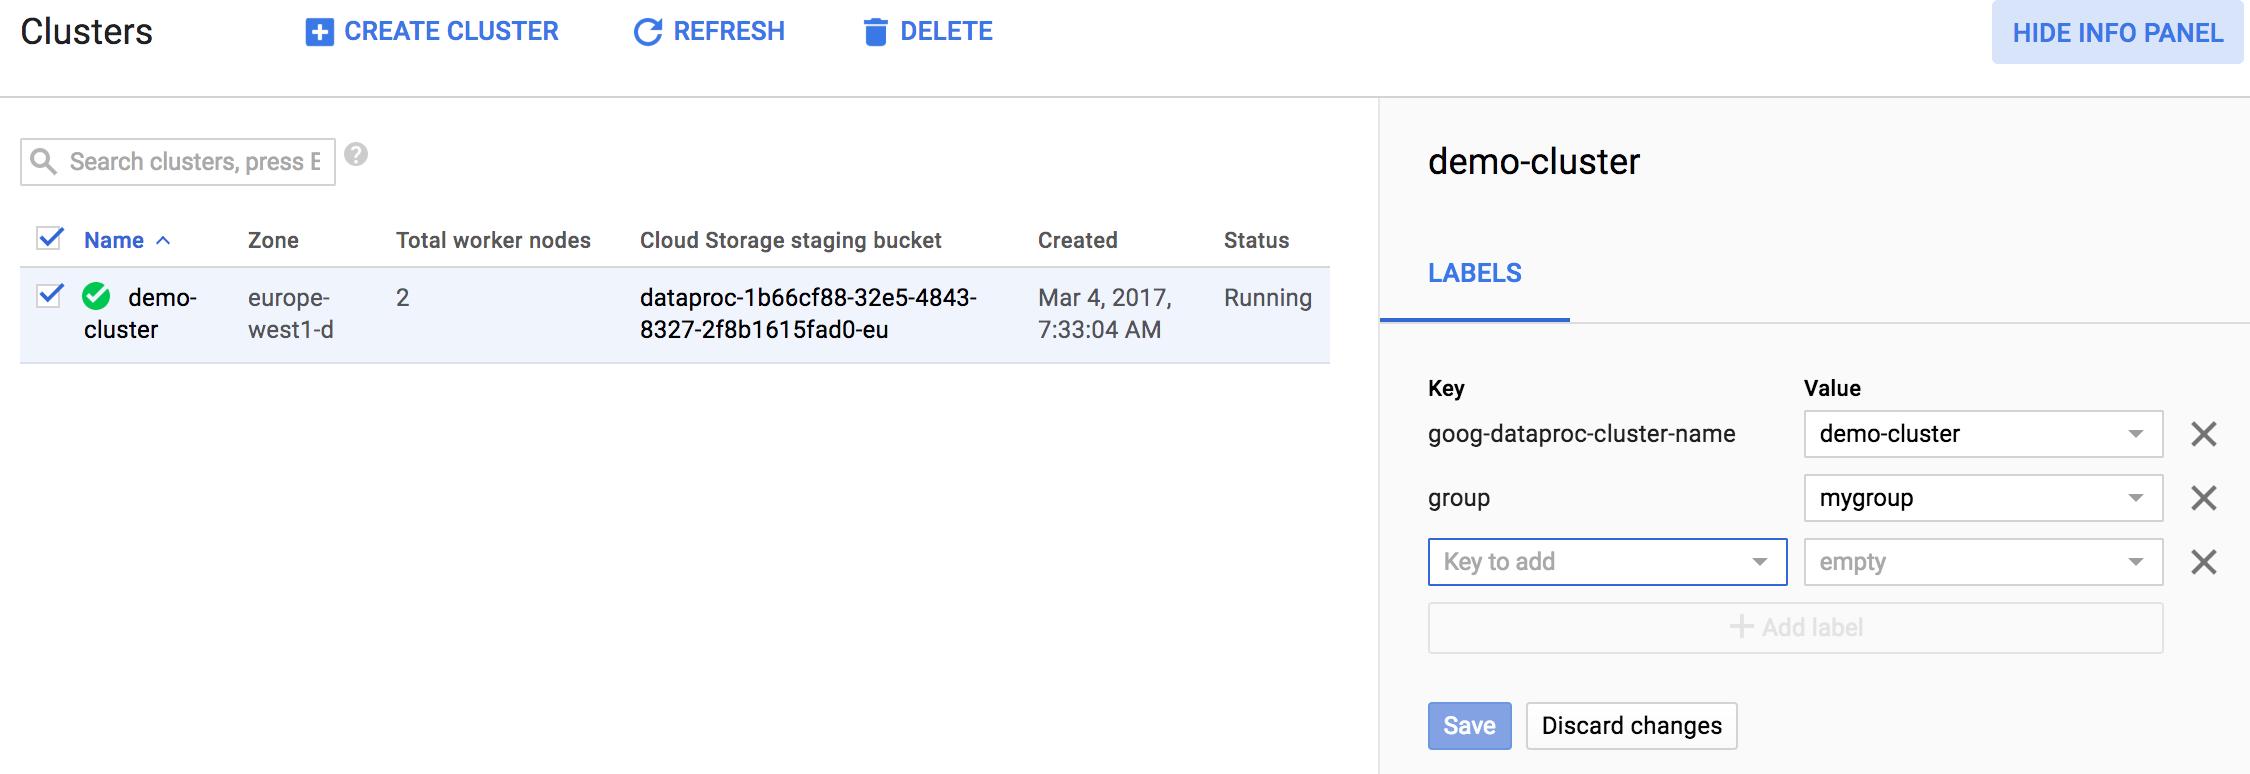 Großartig Google Mail Fortsetzungsvorlage Fotos - Entry Level Resume ...